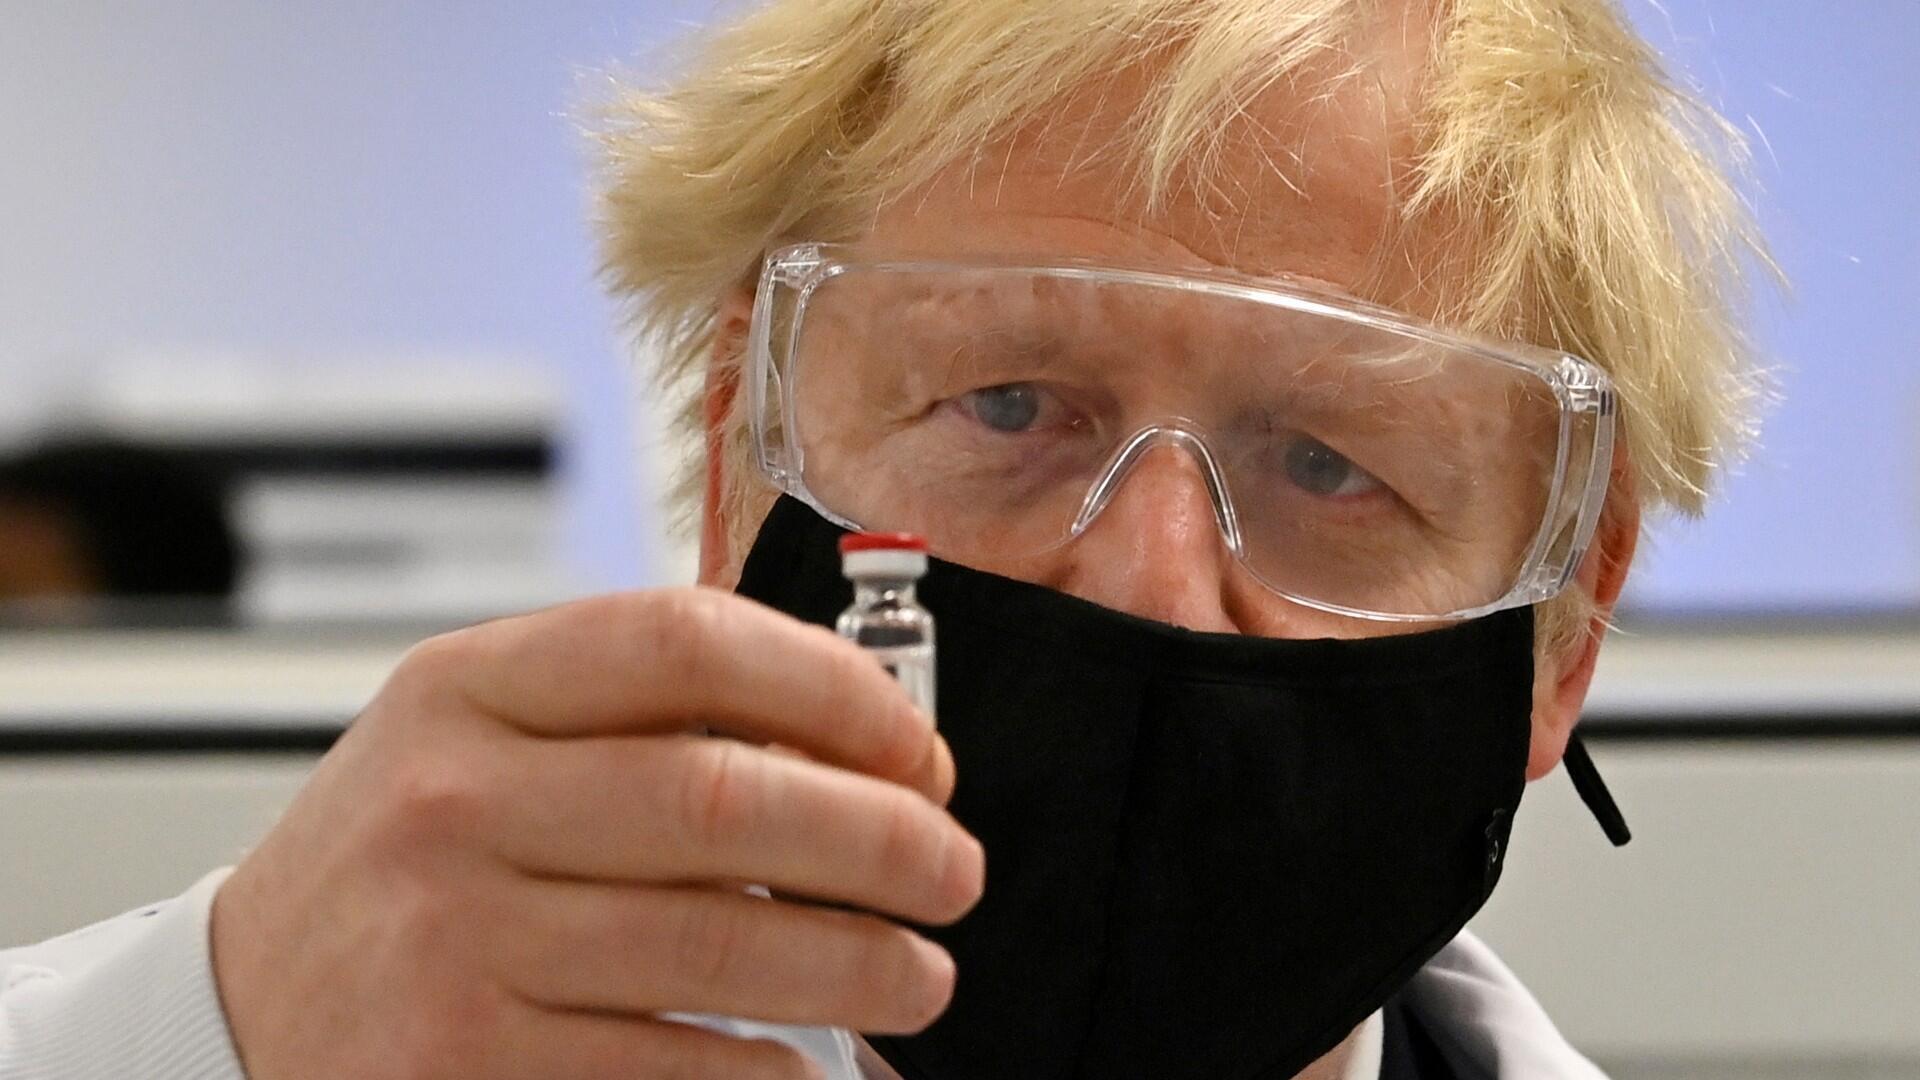 El primer ministro británico Boris Johnson posa con la vacuna candidata de la Universidad de Oxford / AstraZeneca, conocida como AZD1222, en la planta de fabricación farmacéutica de Wockhardt en Wrexham, Gales, Reino Unido, el 30 de noviembre de 2020.